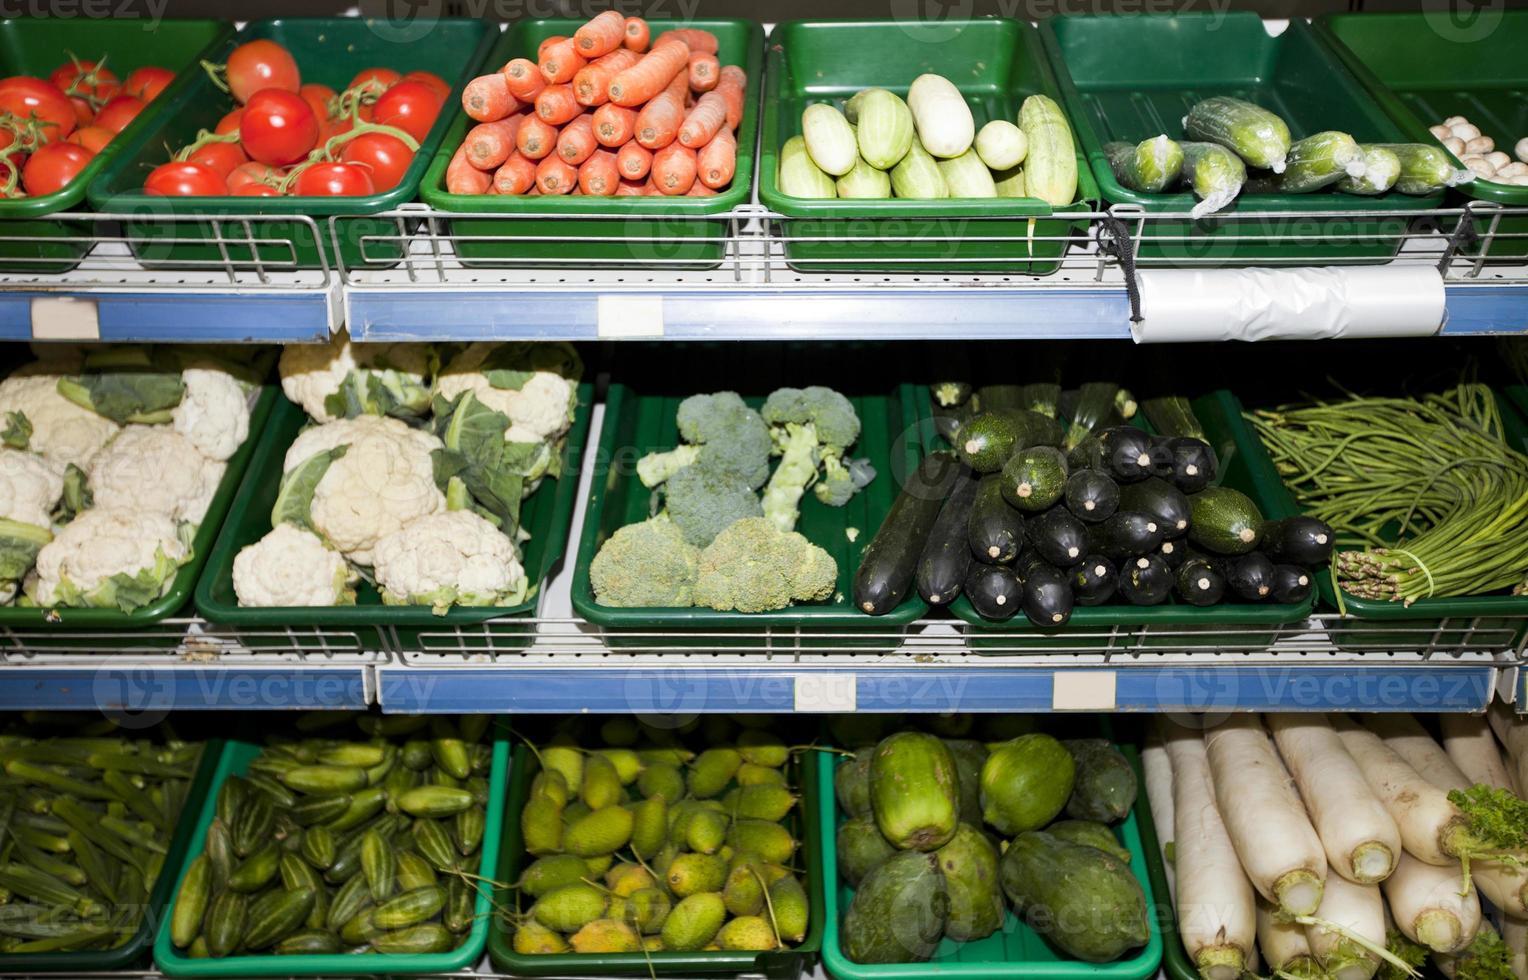 variété de légumes exposés en supermarché photo